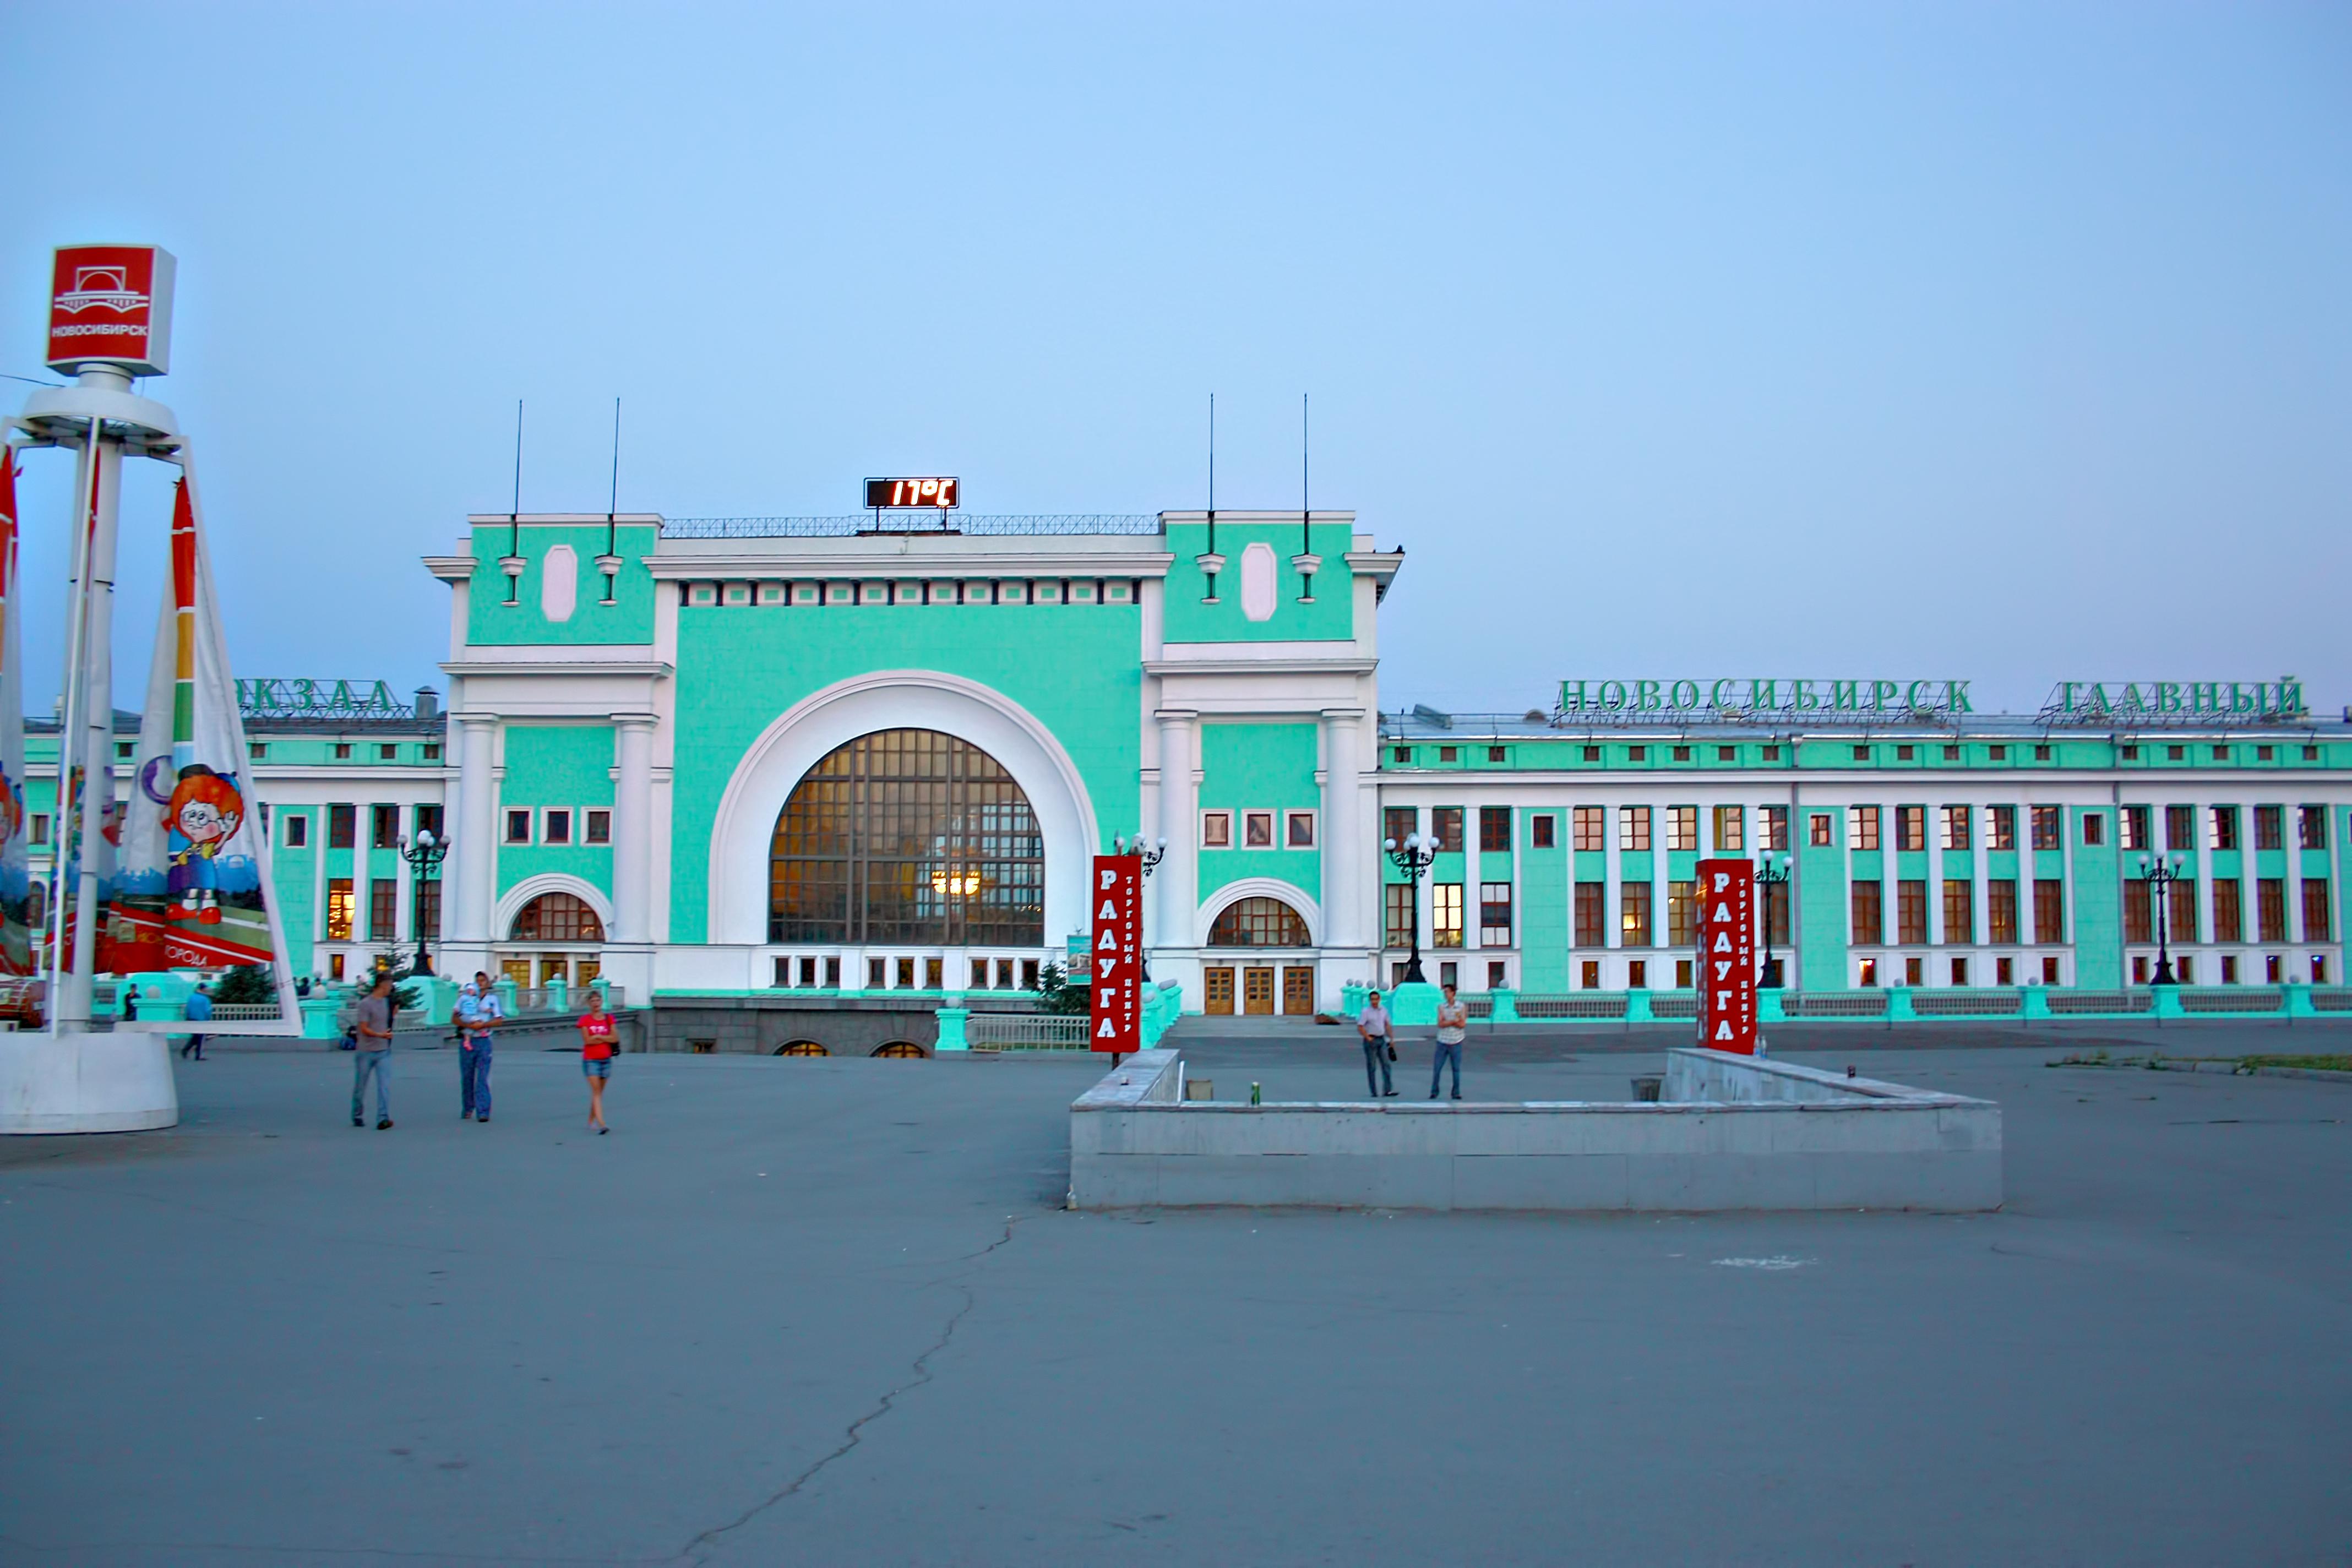 http://forexguru.com.ua/scrin16/h_1471172755_3195983_f6cec0adfb.png